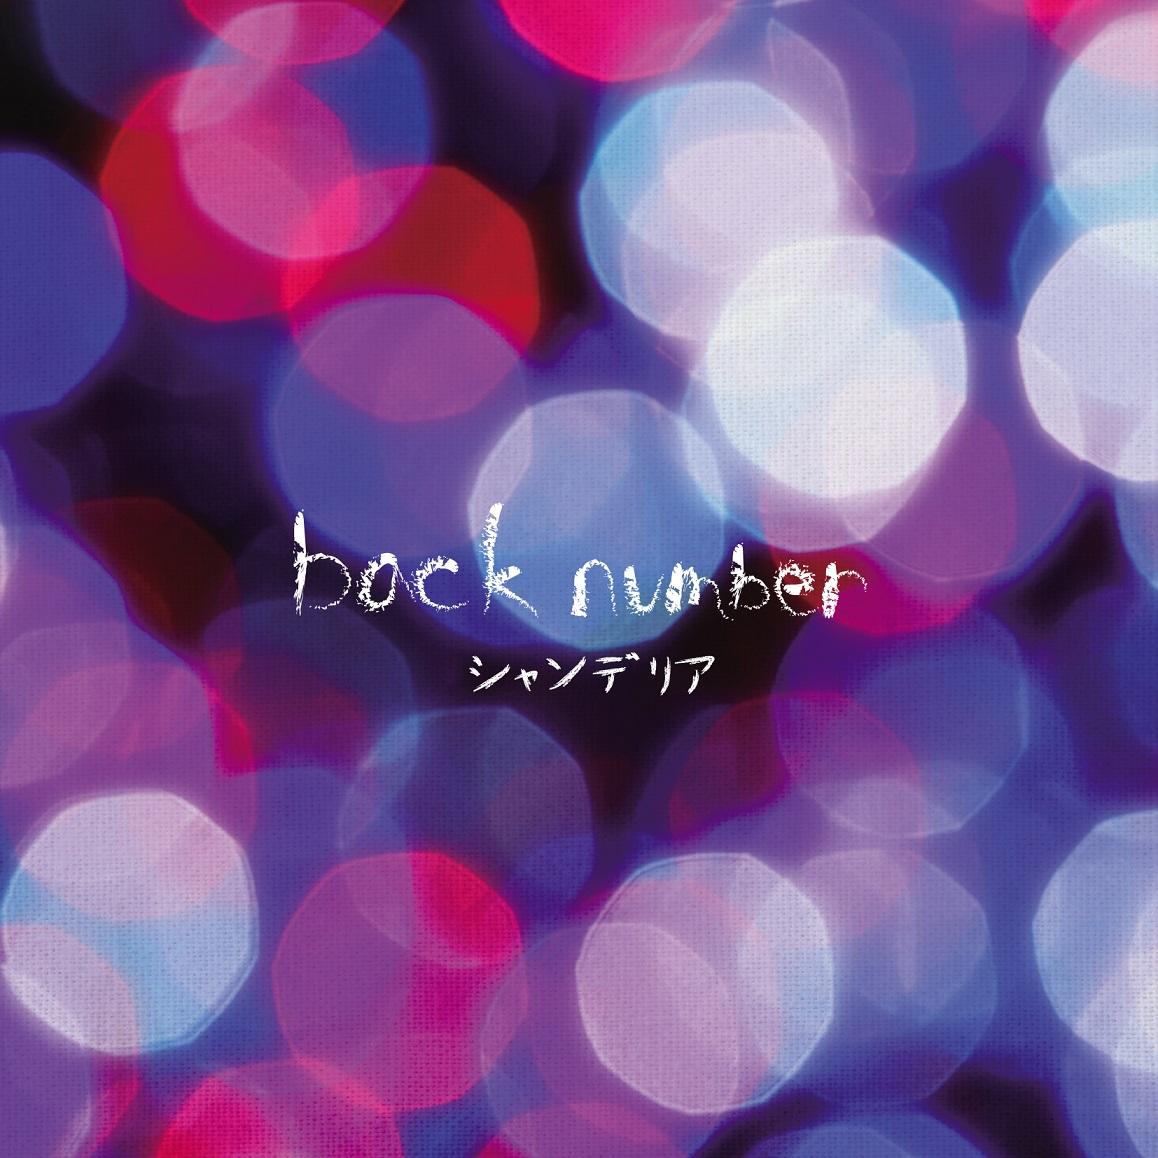 「シャンデリア」back number / UMCK-1528 (2015/12/9)